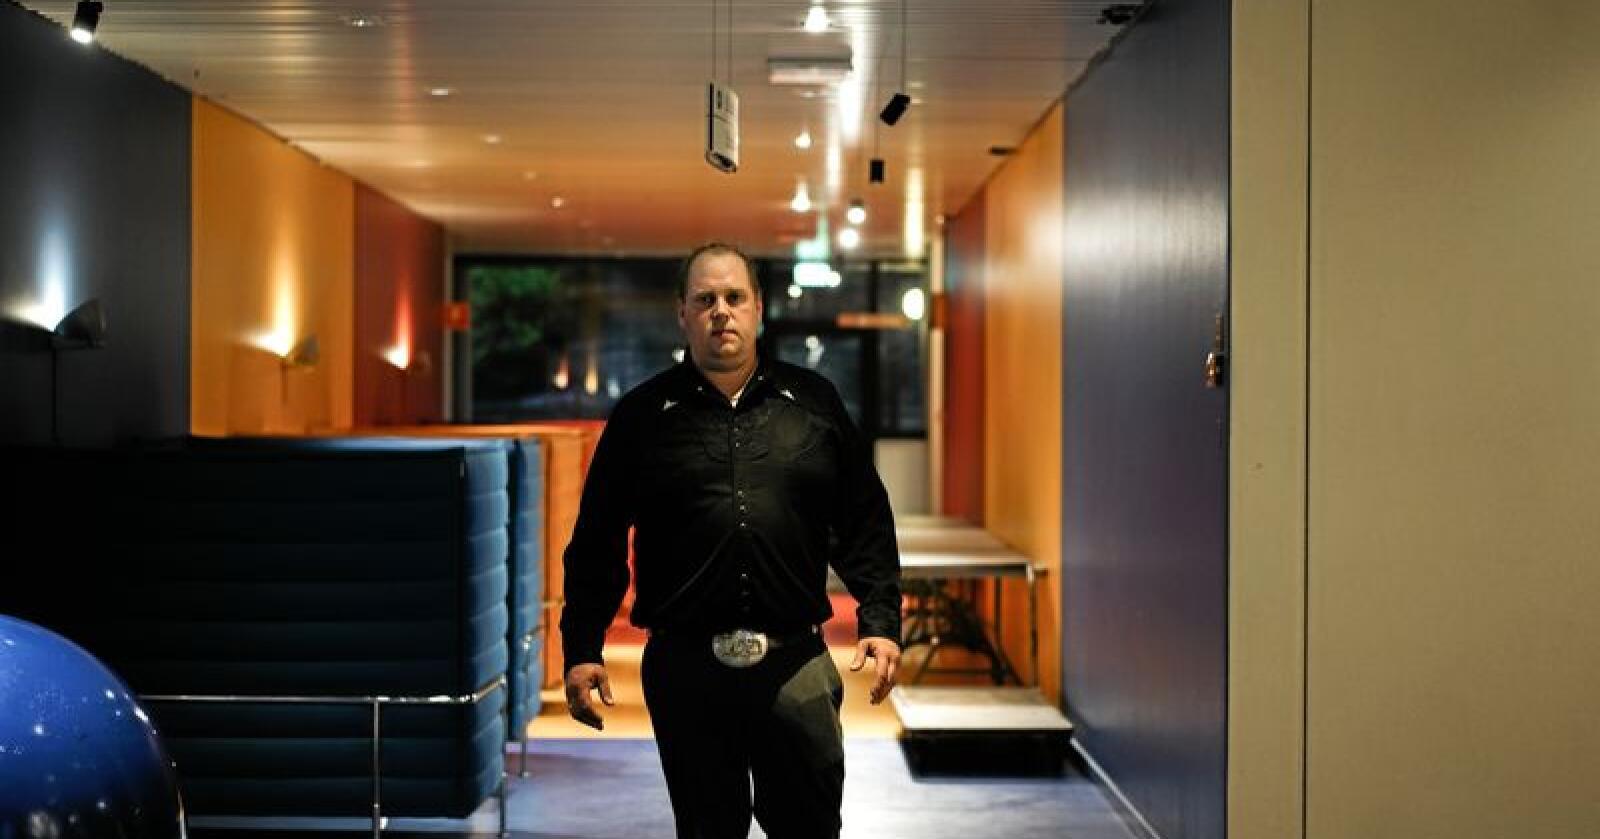 Avslørte skandale: Pelsdyrbonde Per Olaf Lauvås avslørte, via video og telefonopptak, hvordan Mattilsynet innrømmet feilrapportering etter et tilsyn på gården hans. Foto: Benjamin Hernes Vogl